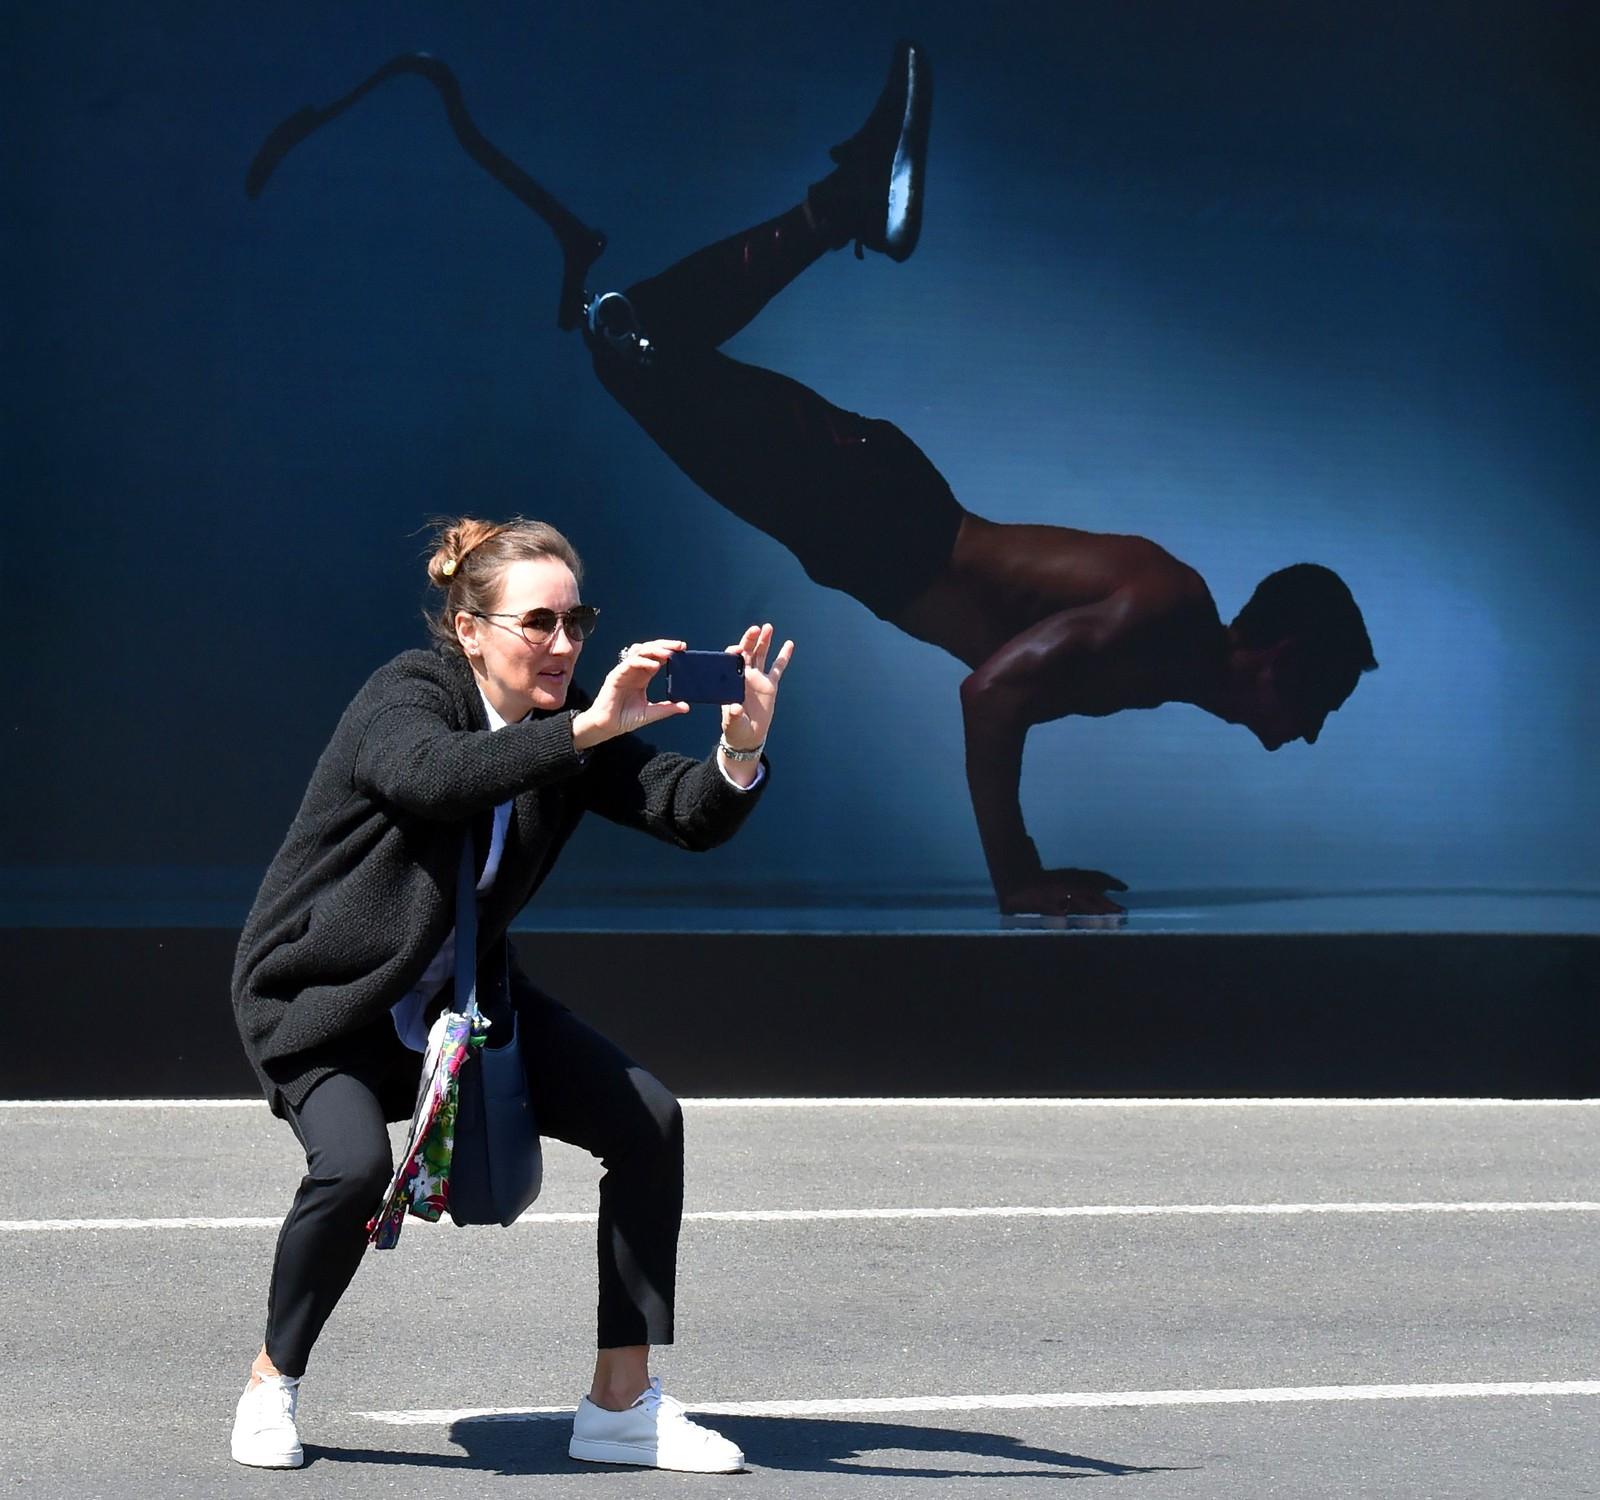 """Dette bildet er fra en utstilling som heter """"Vinnere"""" i Kiev i Hviterussland. Kunstnerne Oleksander Morderer og Tatiana Rublyova står bak utstillingen som viser fram mennesker som har mistet lemmer under krigen i Øst-Ukraina."""